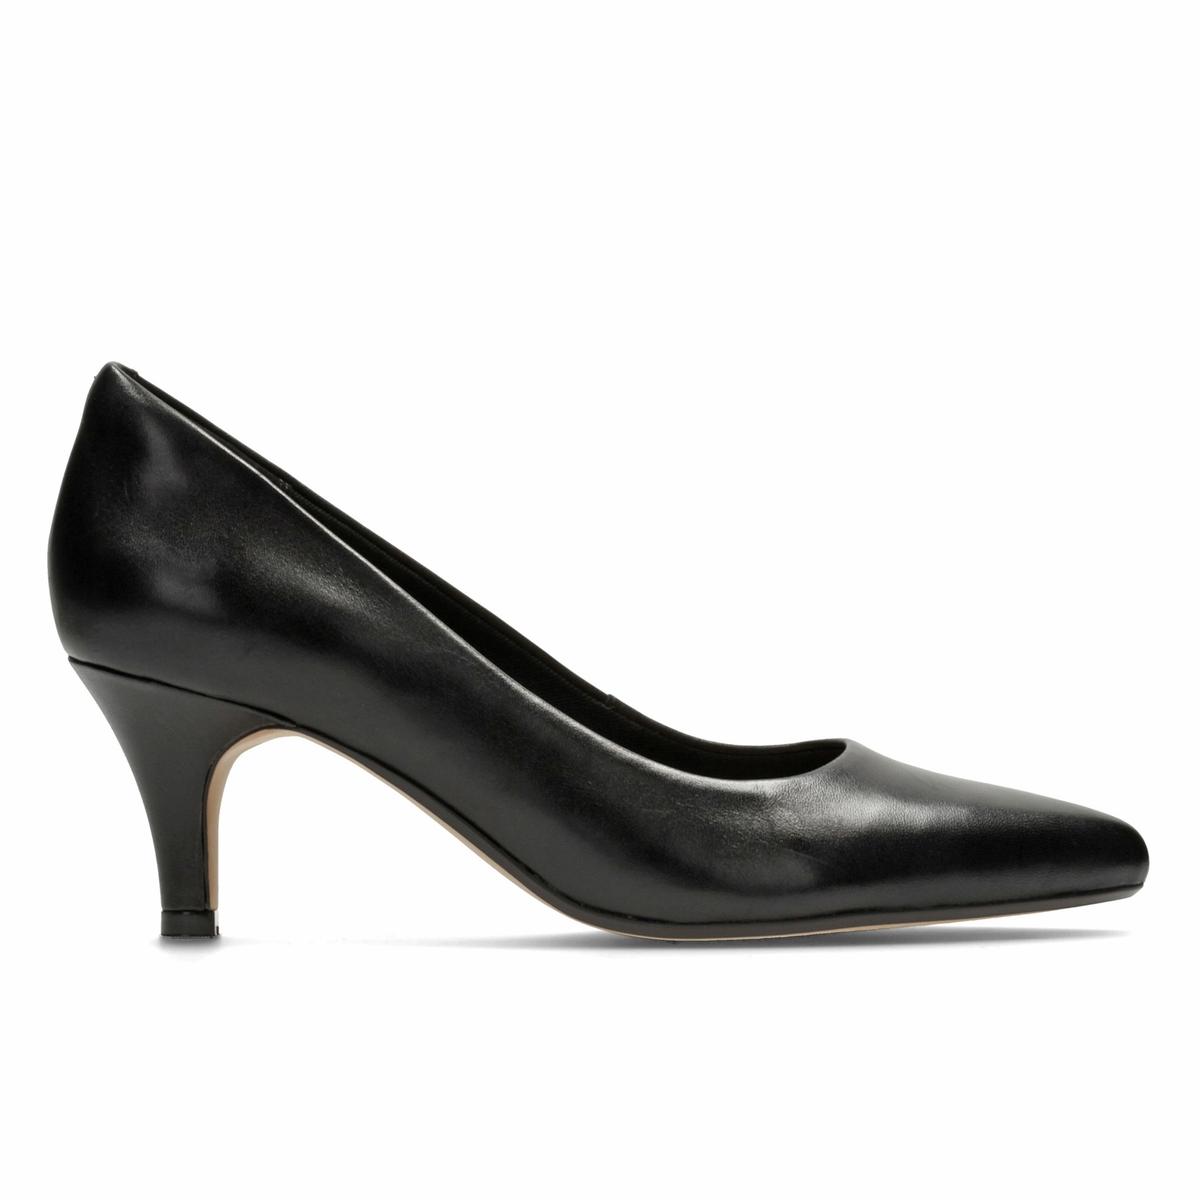 Туфли кожаные Isidora FayeВерх : Кожа.   Подкладка : текстиль   Стелька : синтетика   Подошва : Каучук   Высота каблука : 6,5 см   Форма каблука : тонкий каблук   Мысок : закругленный   Застежка : Без застежки<br><br>Цвет: черный